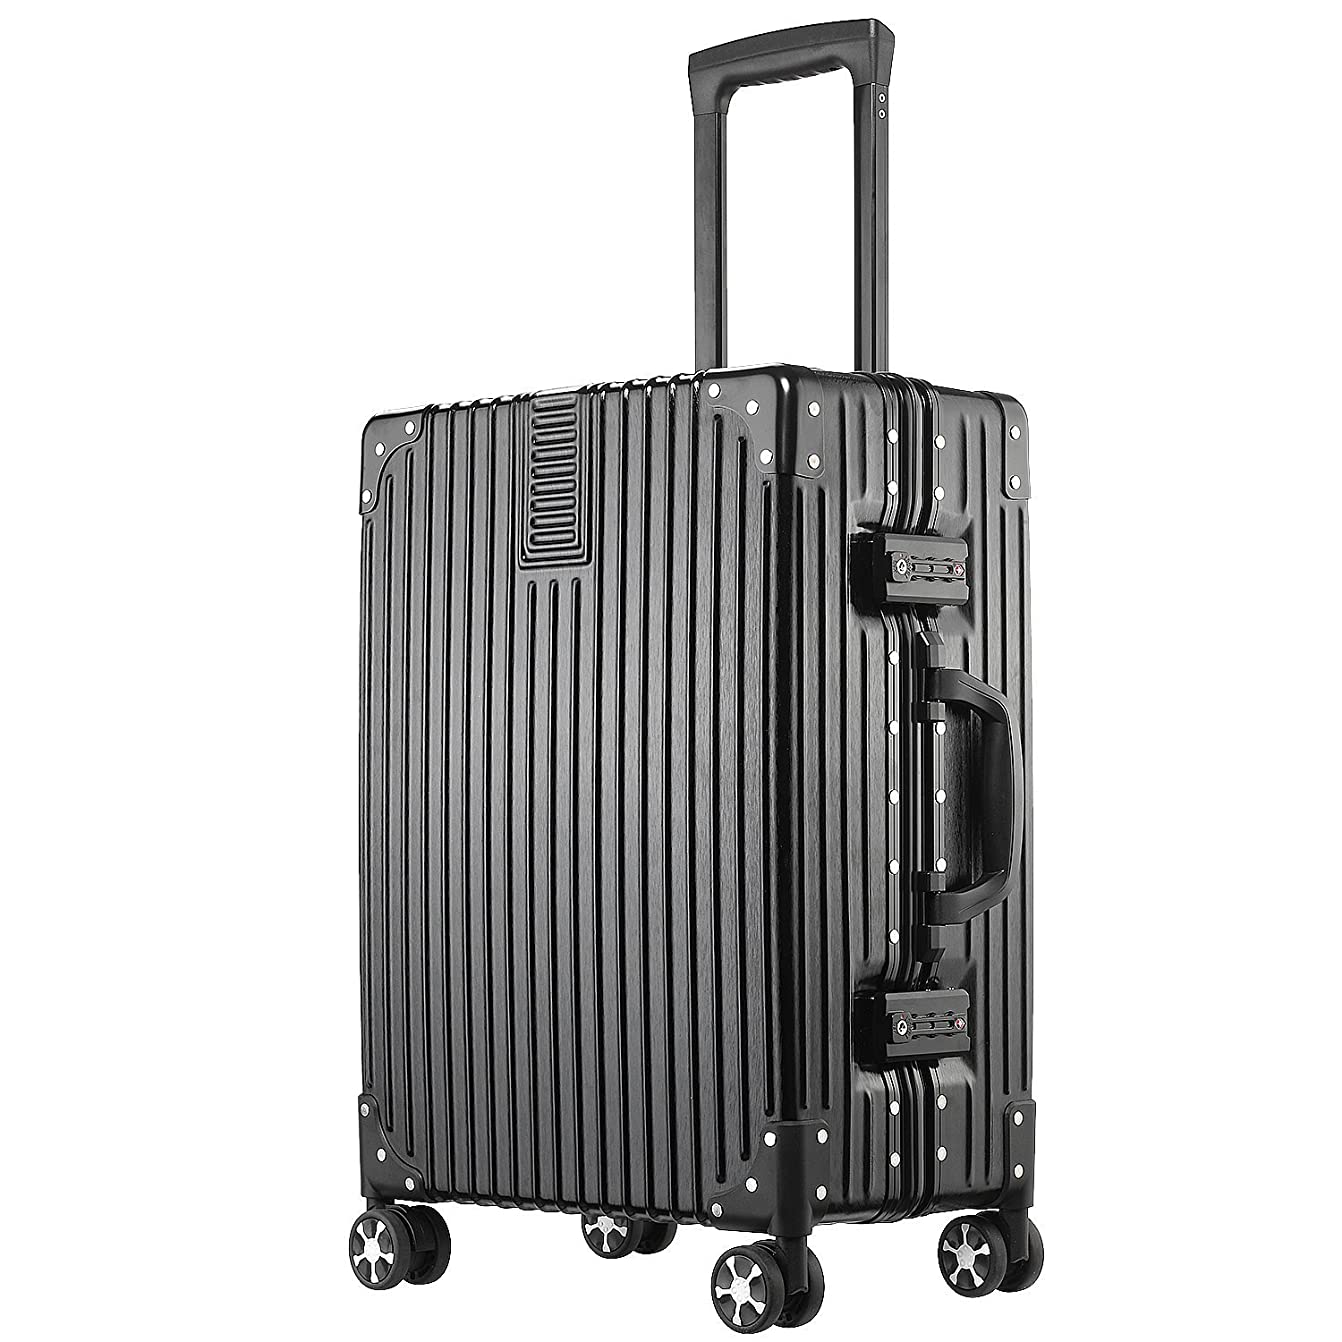 意図毎回決定する(アスボーグ)ASVOGUE スーツケース キャリーケース 半鏡面仕上げ アライン加工 アルミフレーム レトロ 旅行 出張 軽量 静音 ファスナーレス 機内持込可 保護カバー付き